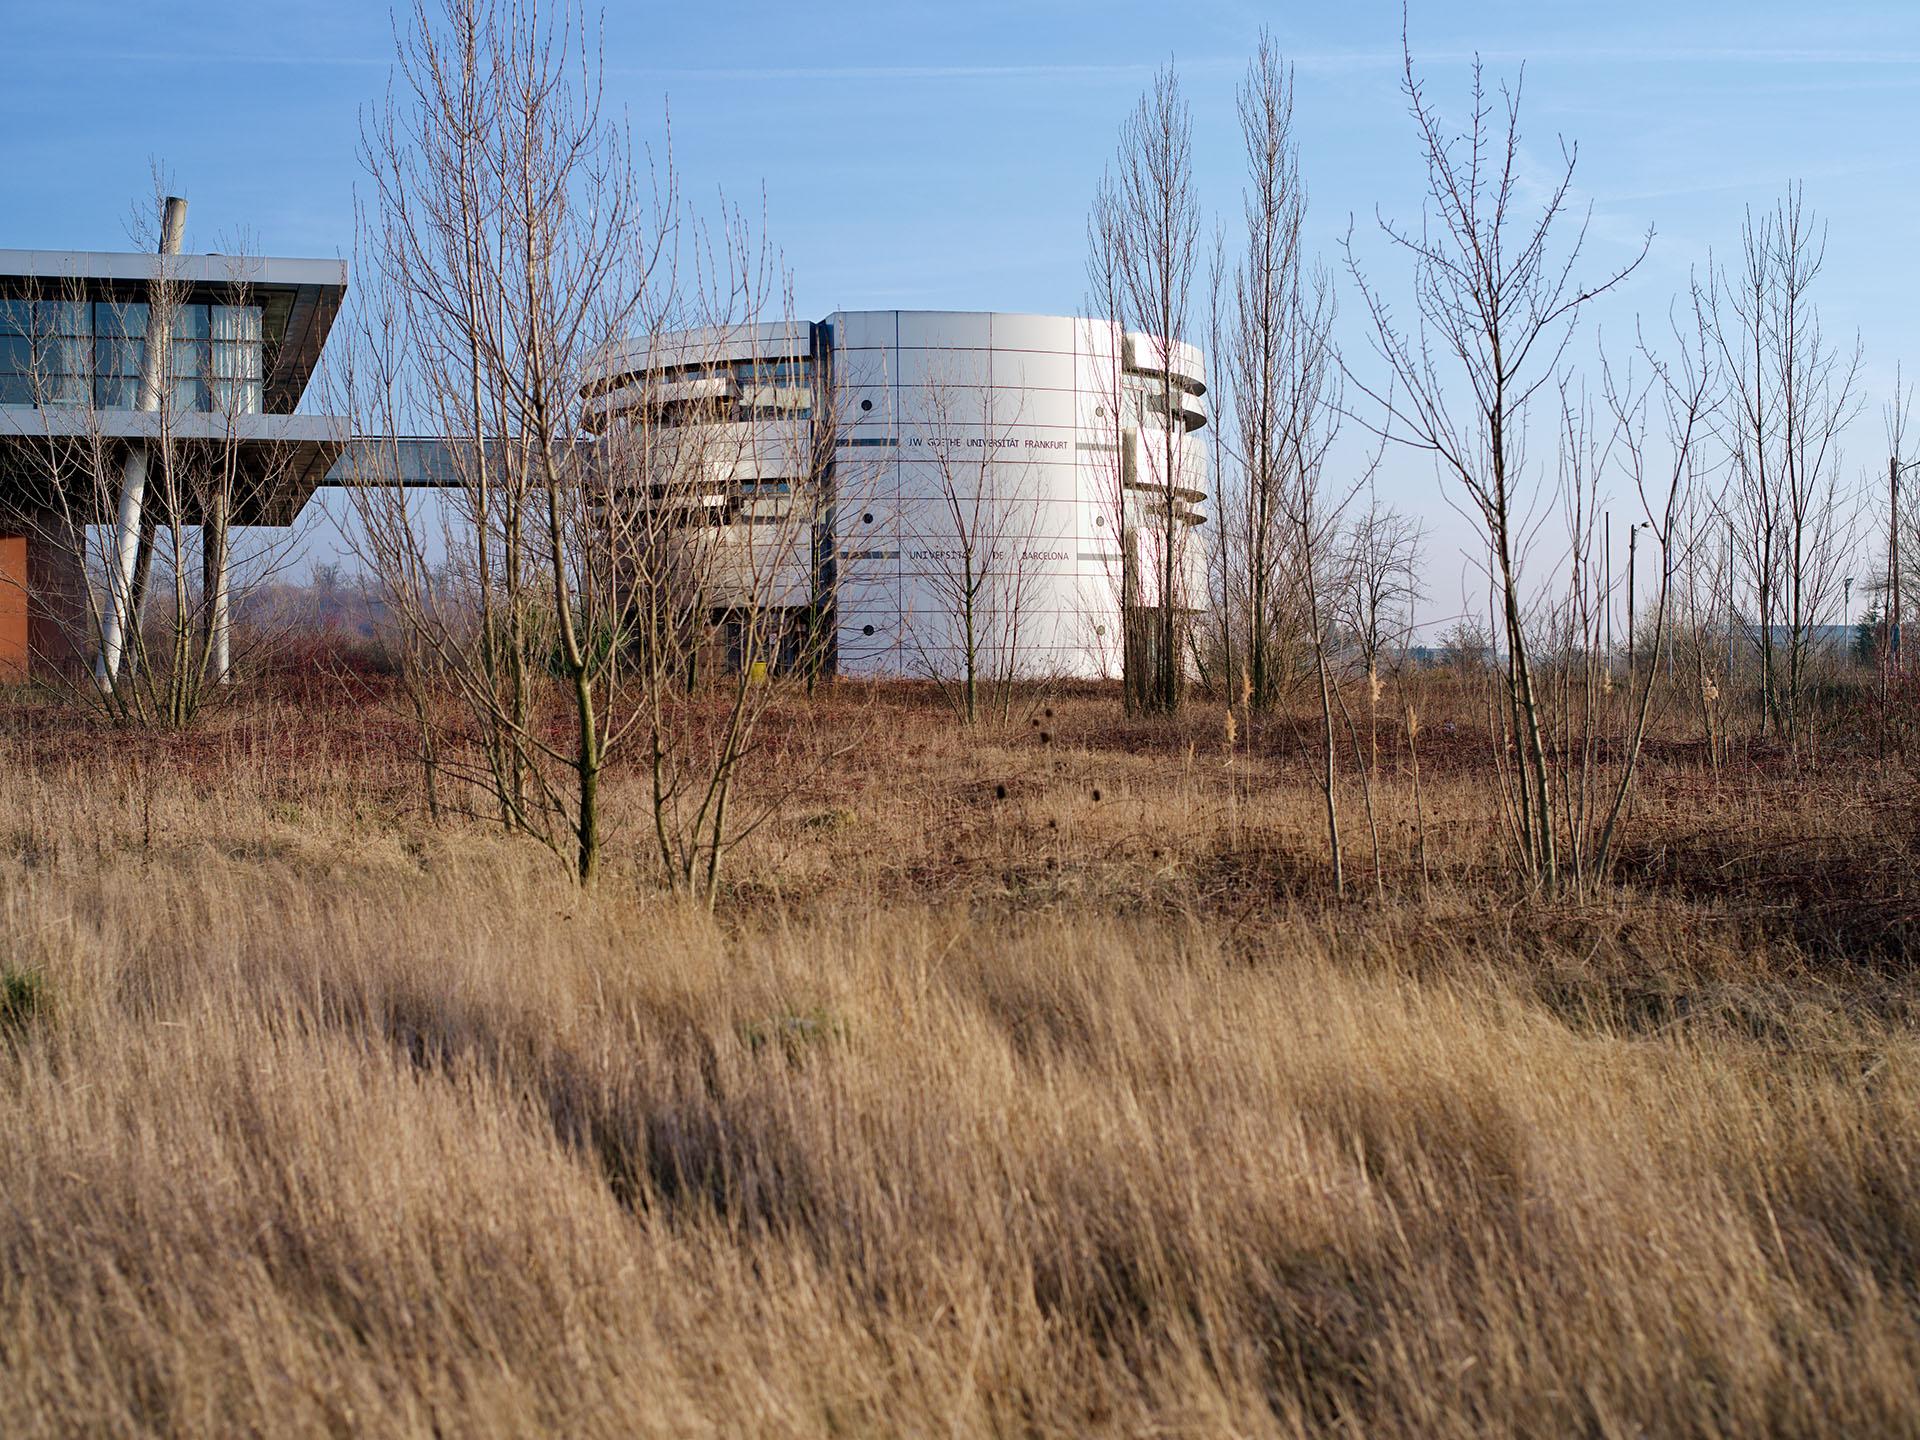 Centre de Langues et Informatique FILTRE, Bâtiment MINERVE - AFAA Architecture - 2011